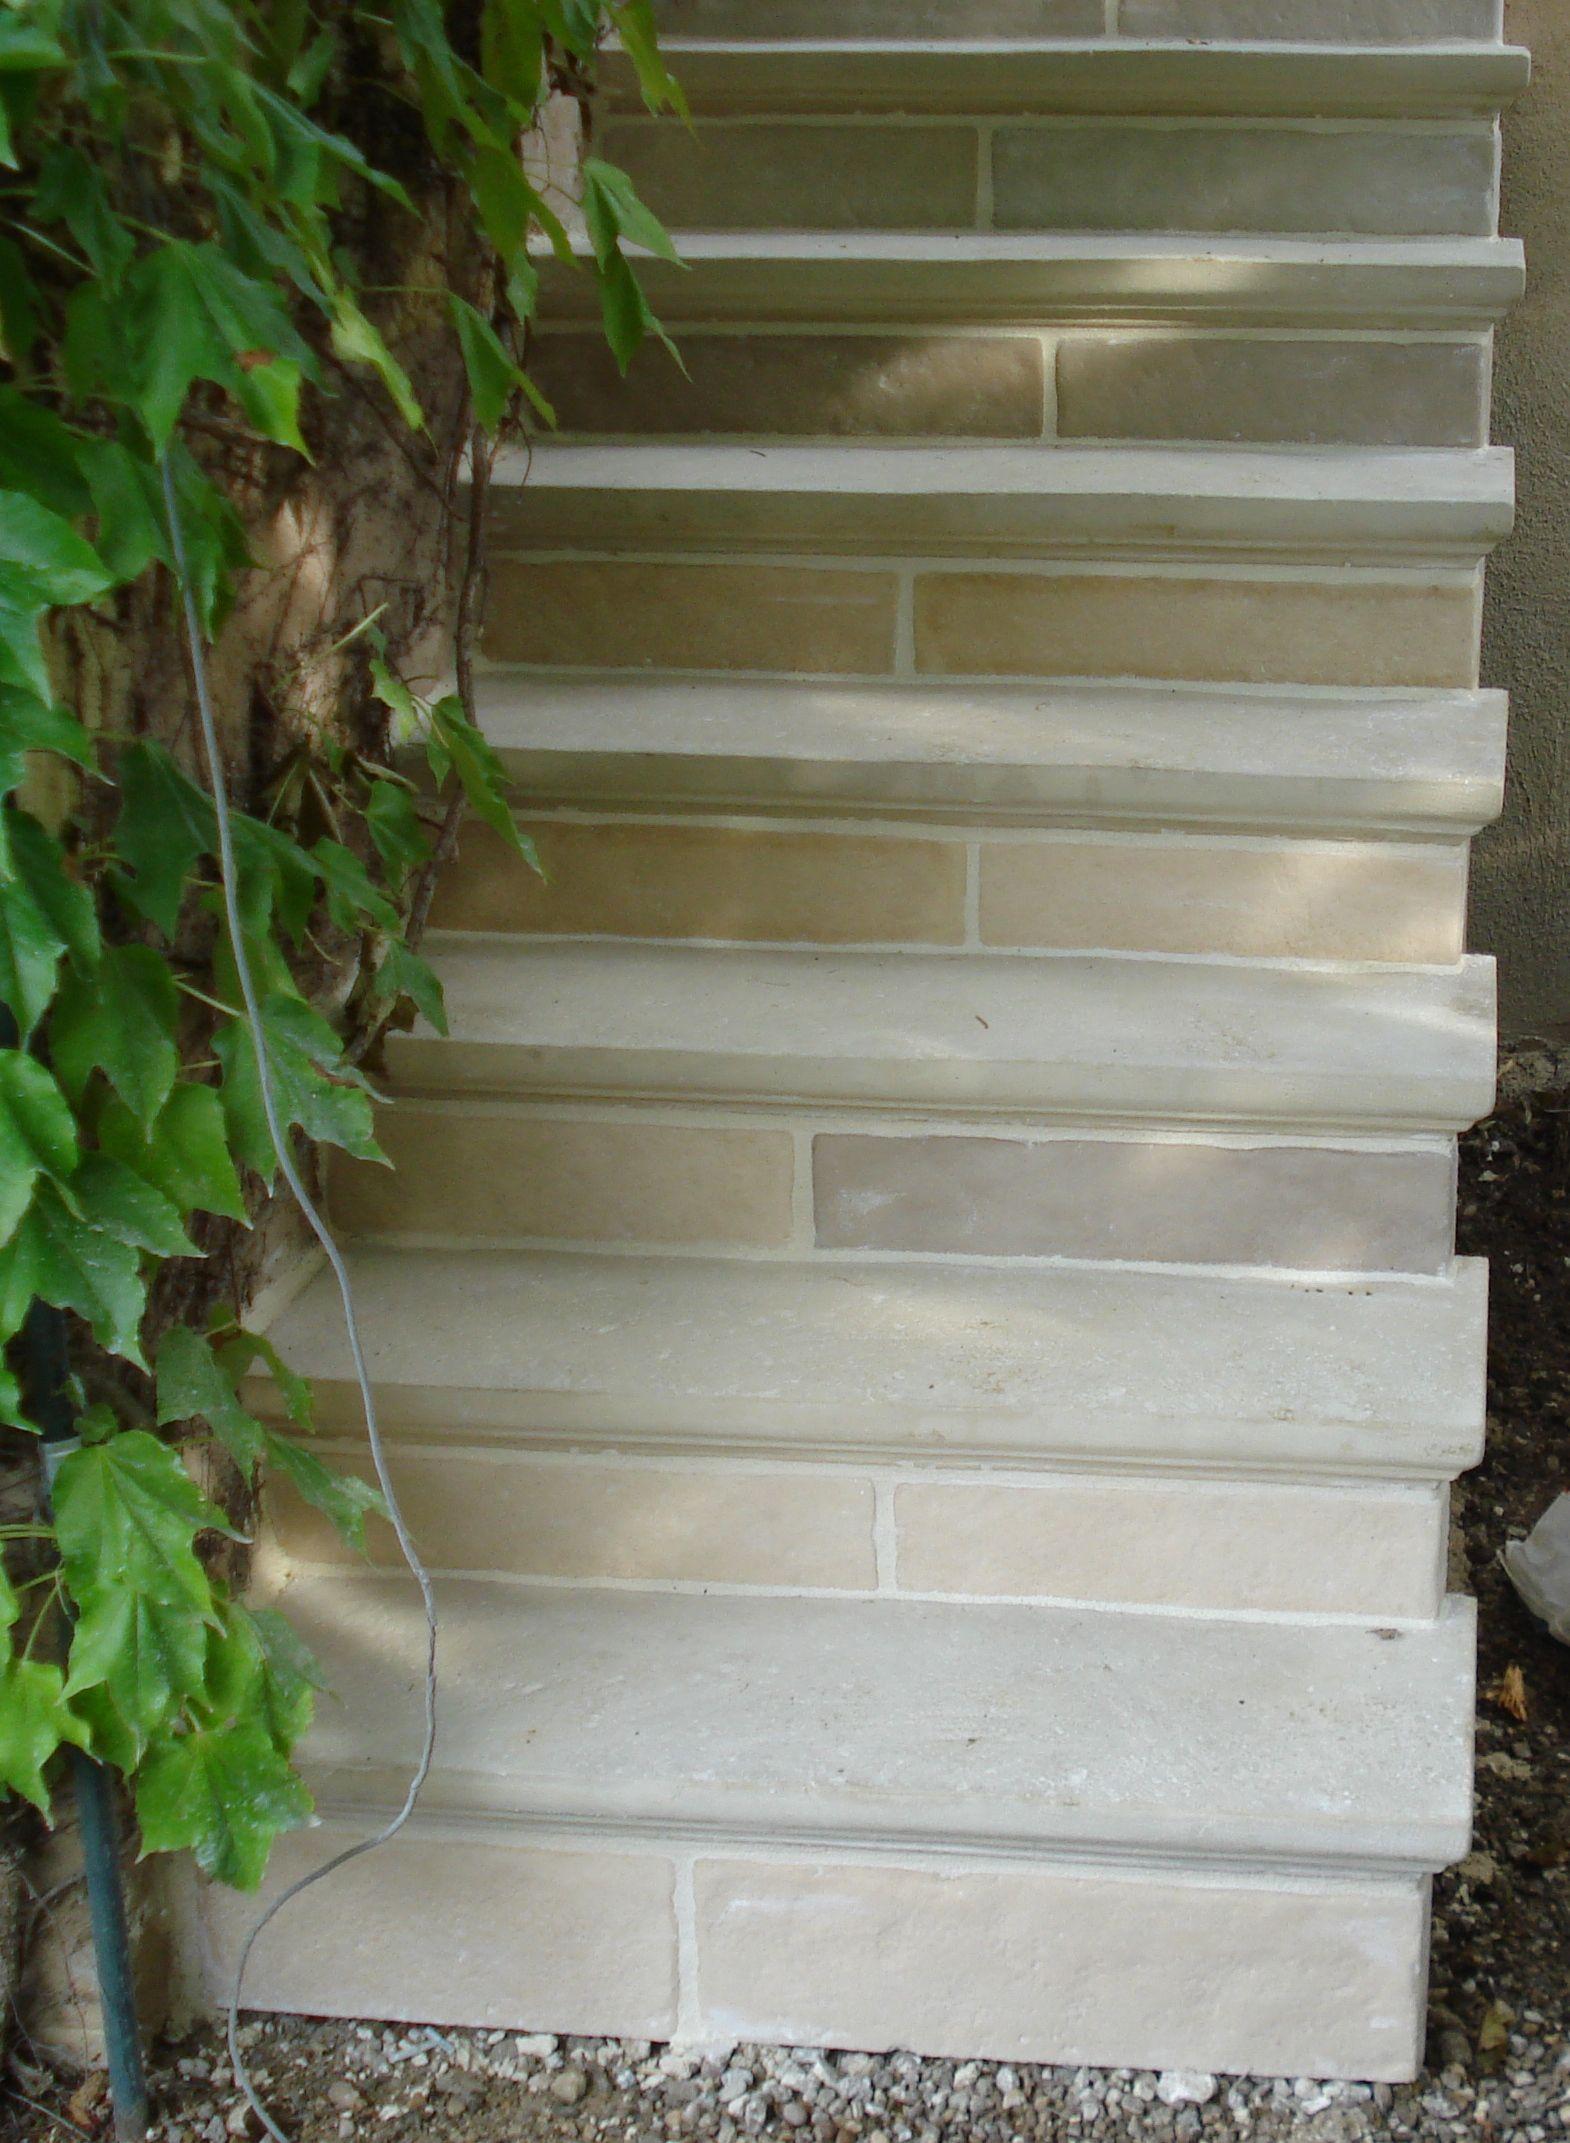 Marches Et Contremarches Abbatiales En Pierre Reconstituee Escalier Exterieur Beton Parement Pierre Exterieur Escalier Exterieur